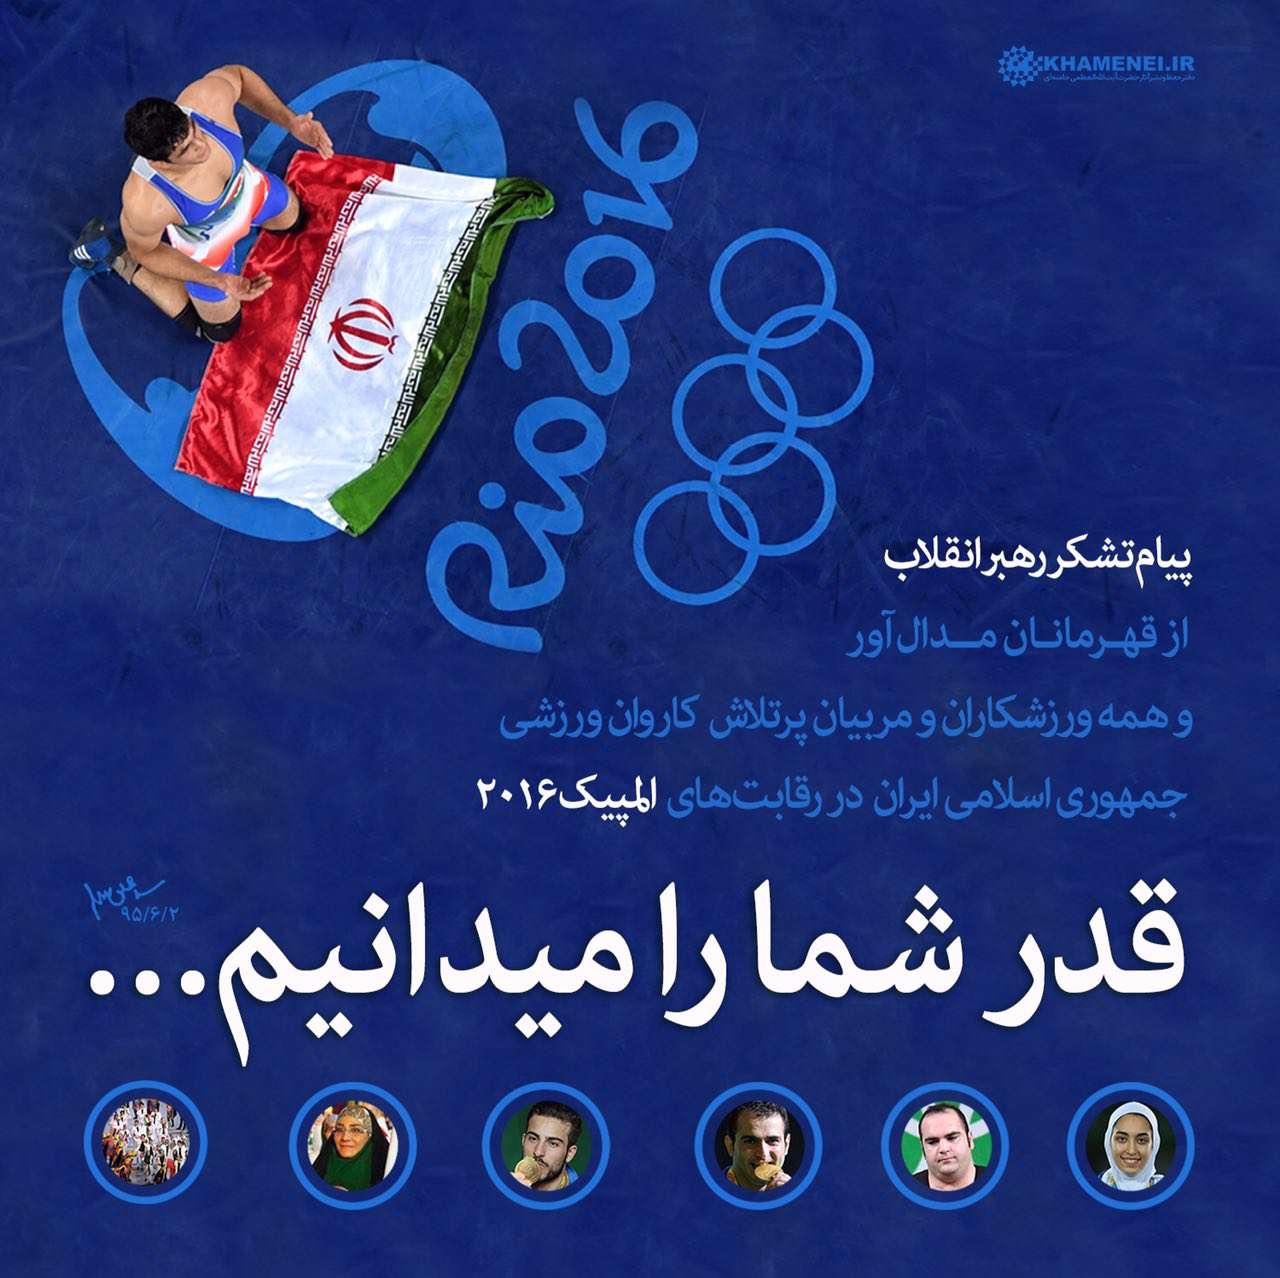 پیام تشکر رهبر انقلاب از کاروان ورزشی ایران در المپیک ۲۰۱۶ ریو  قدر شما را ميدانيم...